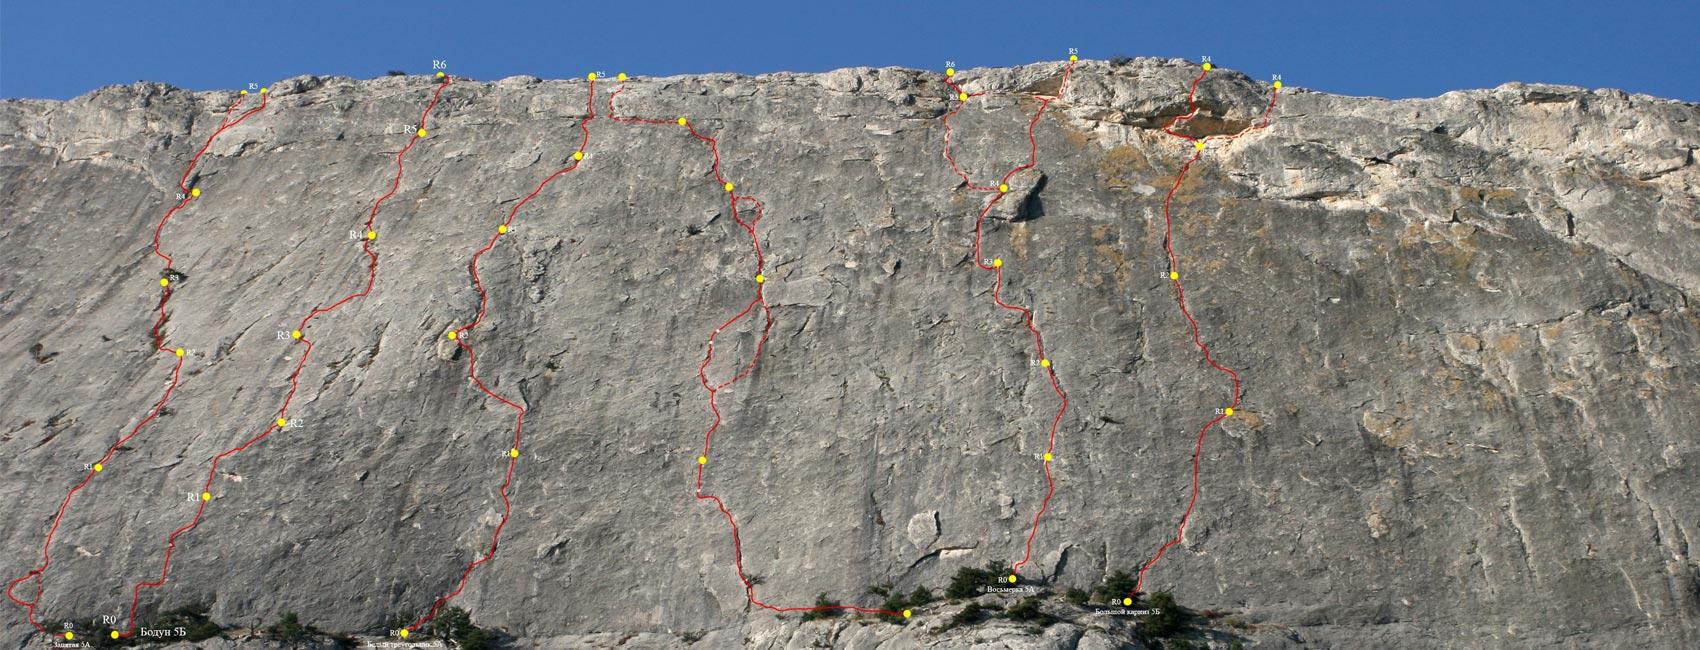 Обозначенные альпинистские маршруты на горе Сокол в Судаке